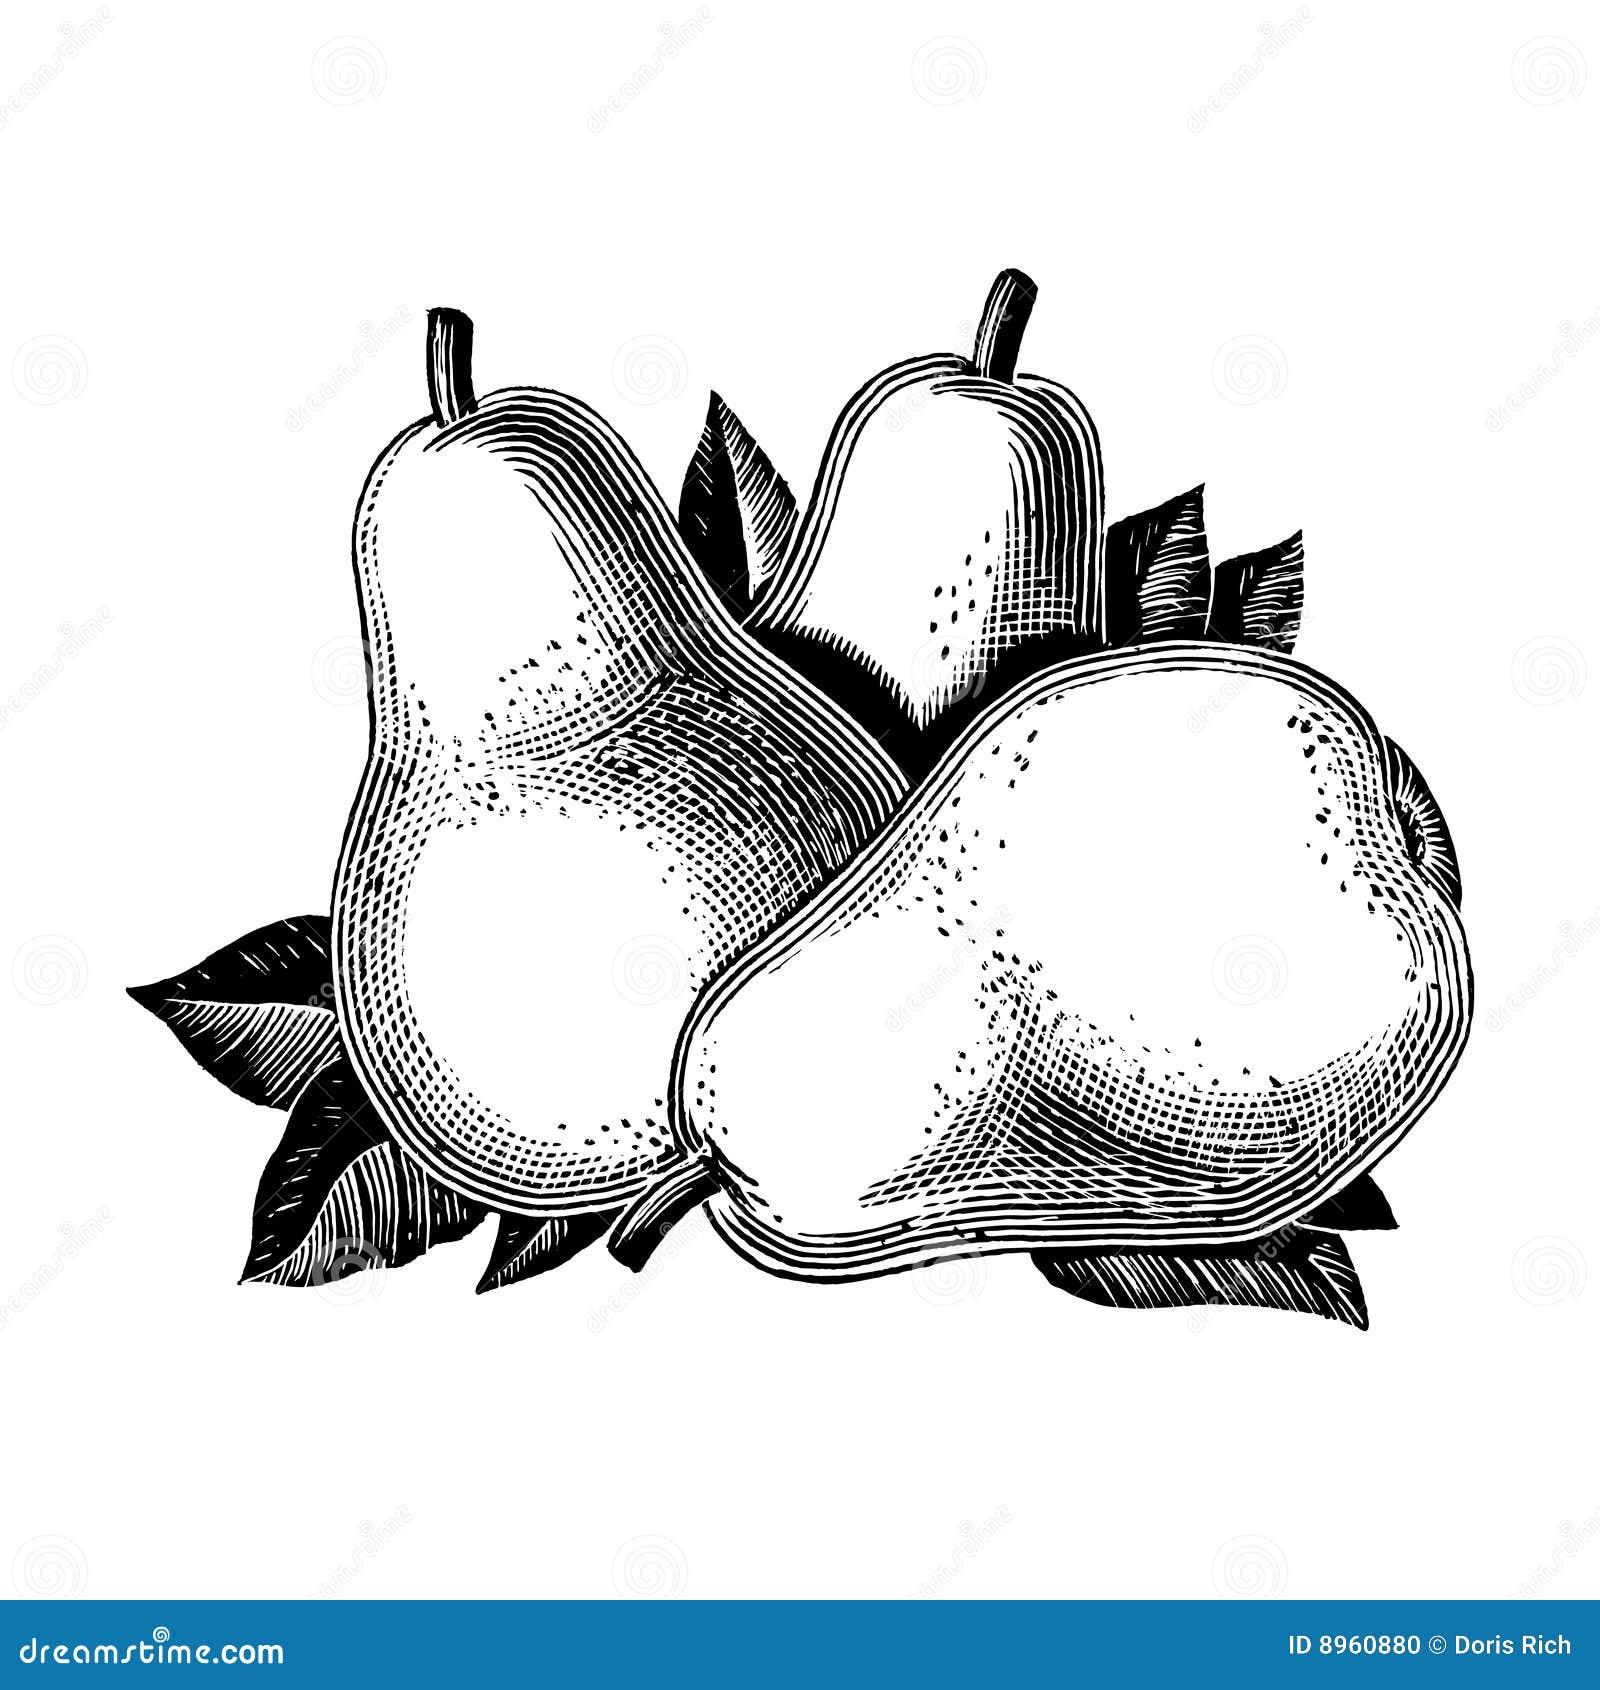 Vintage 1950s Pears